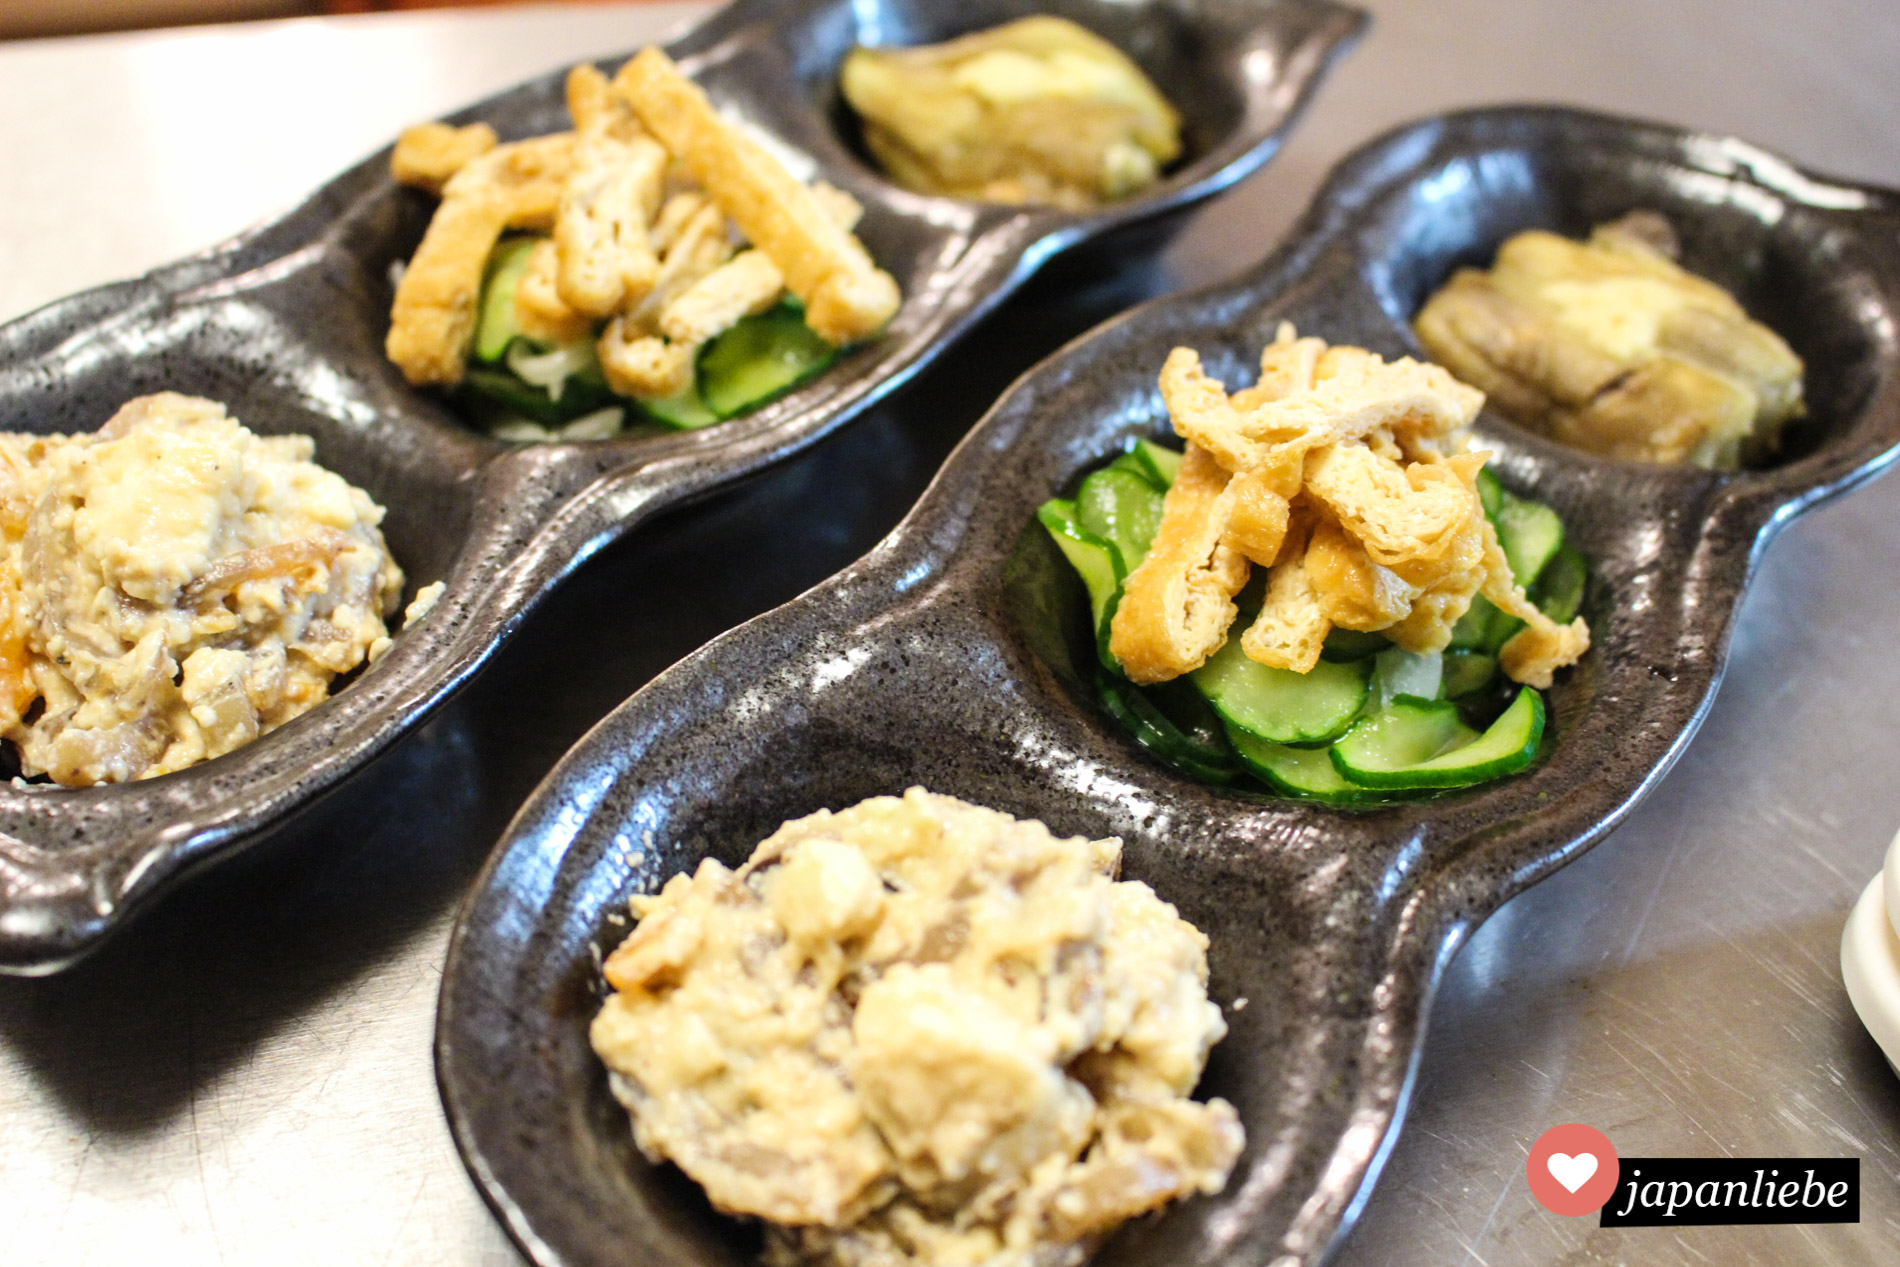 Aus Tofu und Gemüse lassen sich abwechslungsreiche, leckere Beilagen zaubern.